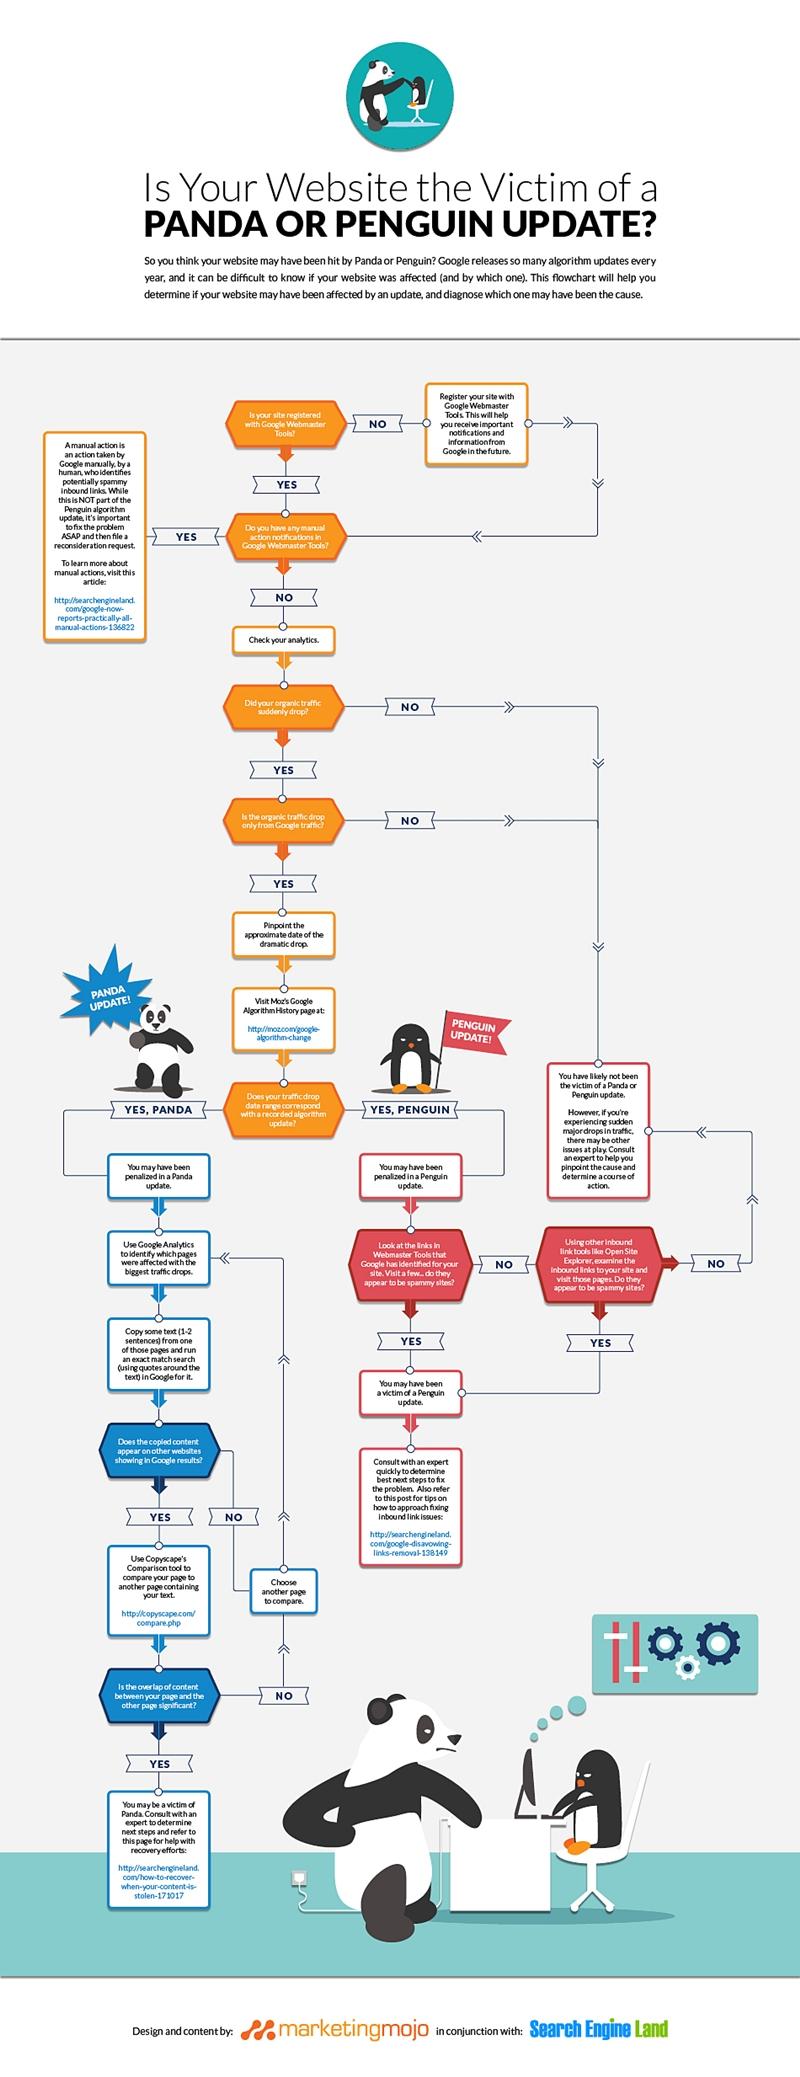 Un'infografica ti aiuta a capire se il tuo sito web è stato colpito da Panda o da Penguin dopo gli ultimi update